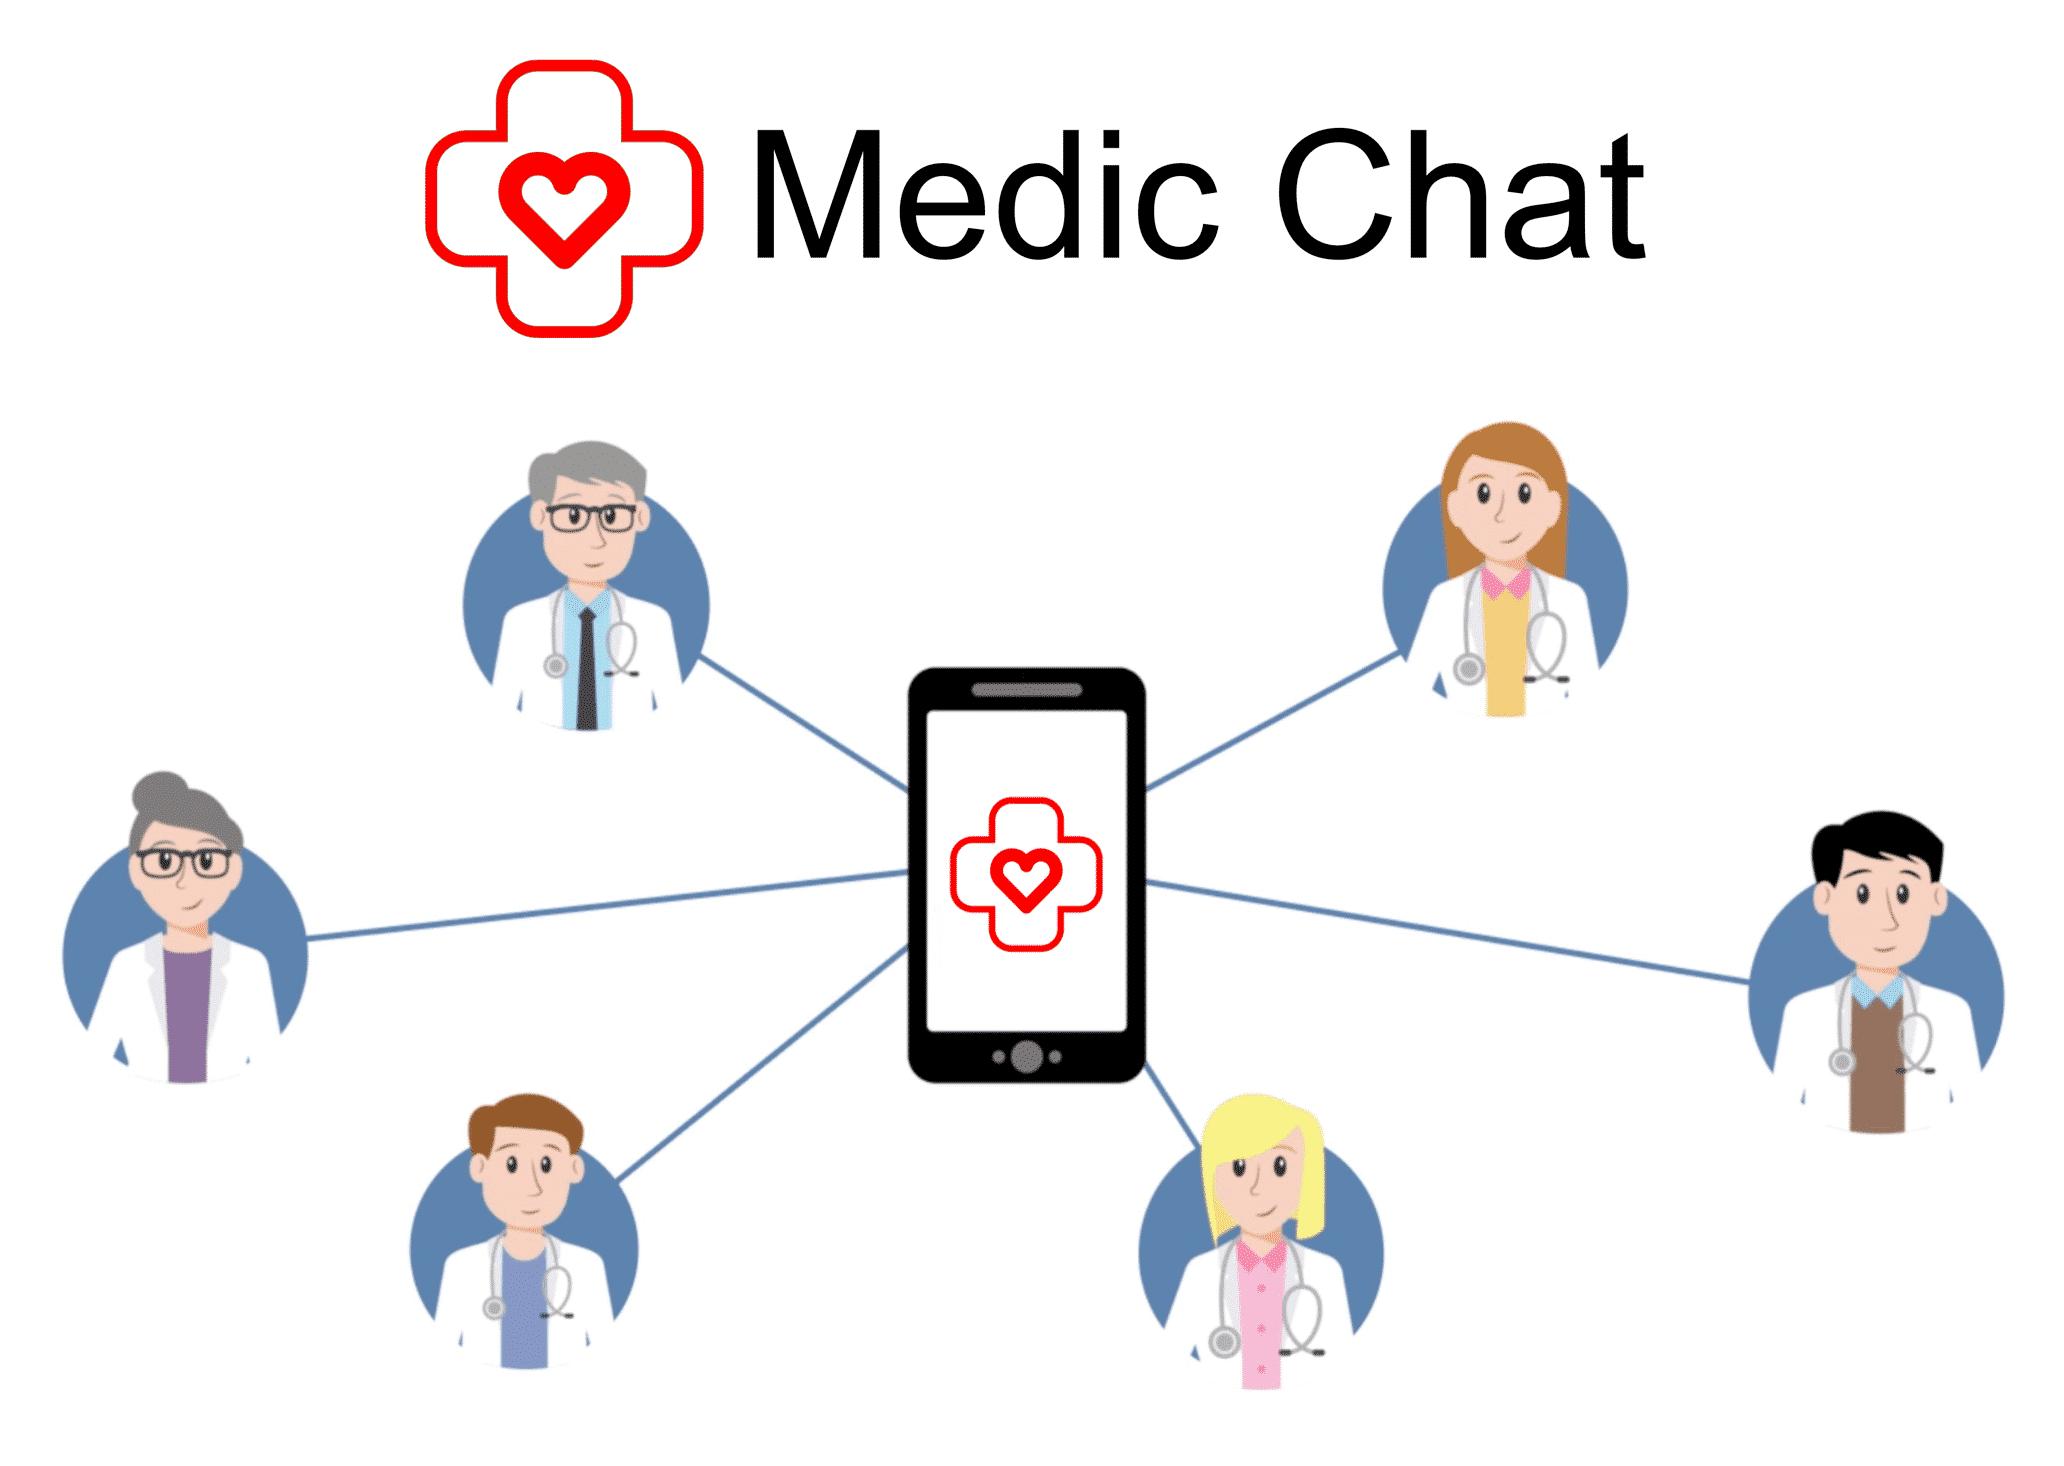 Medic Chat, platforma de telemedicină, vizează o investiție de 250.000 de euro pe SeedBlink